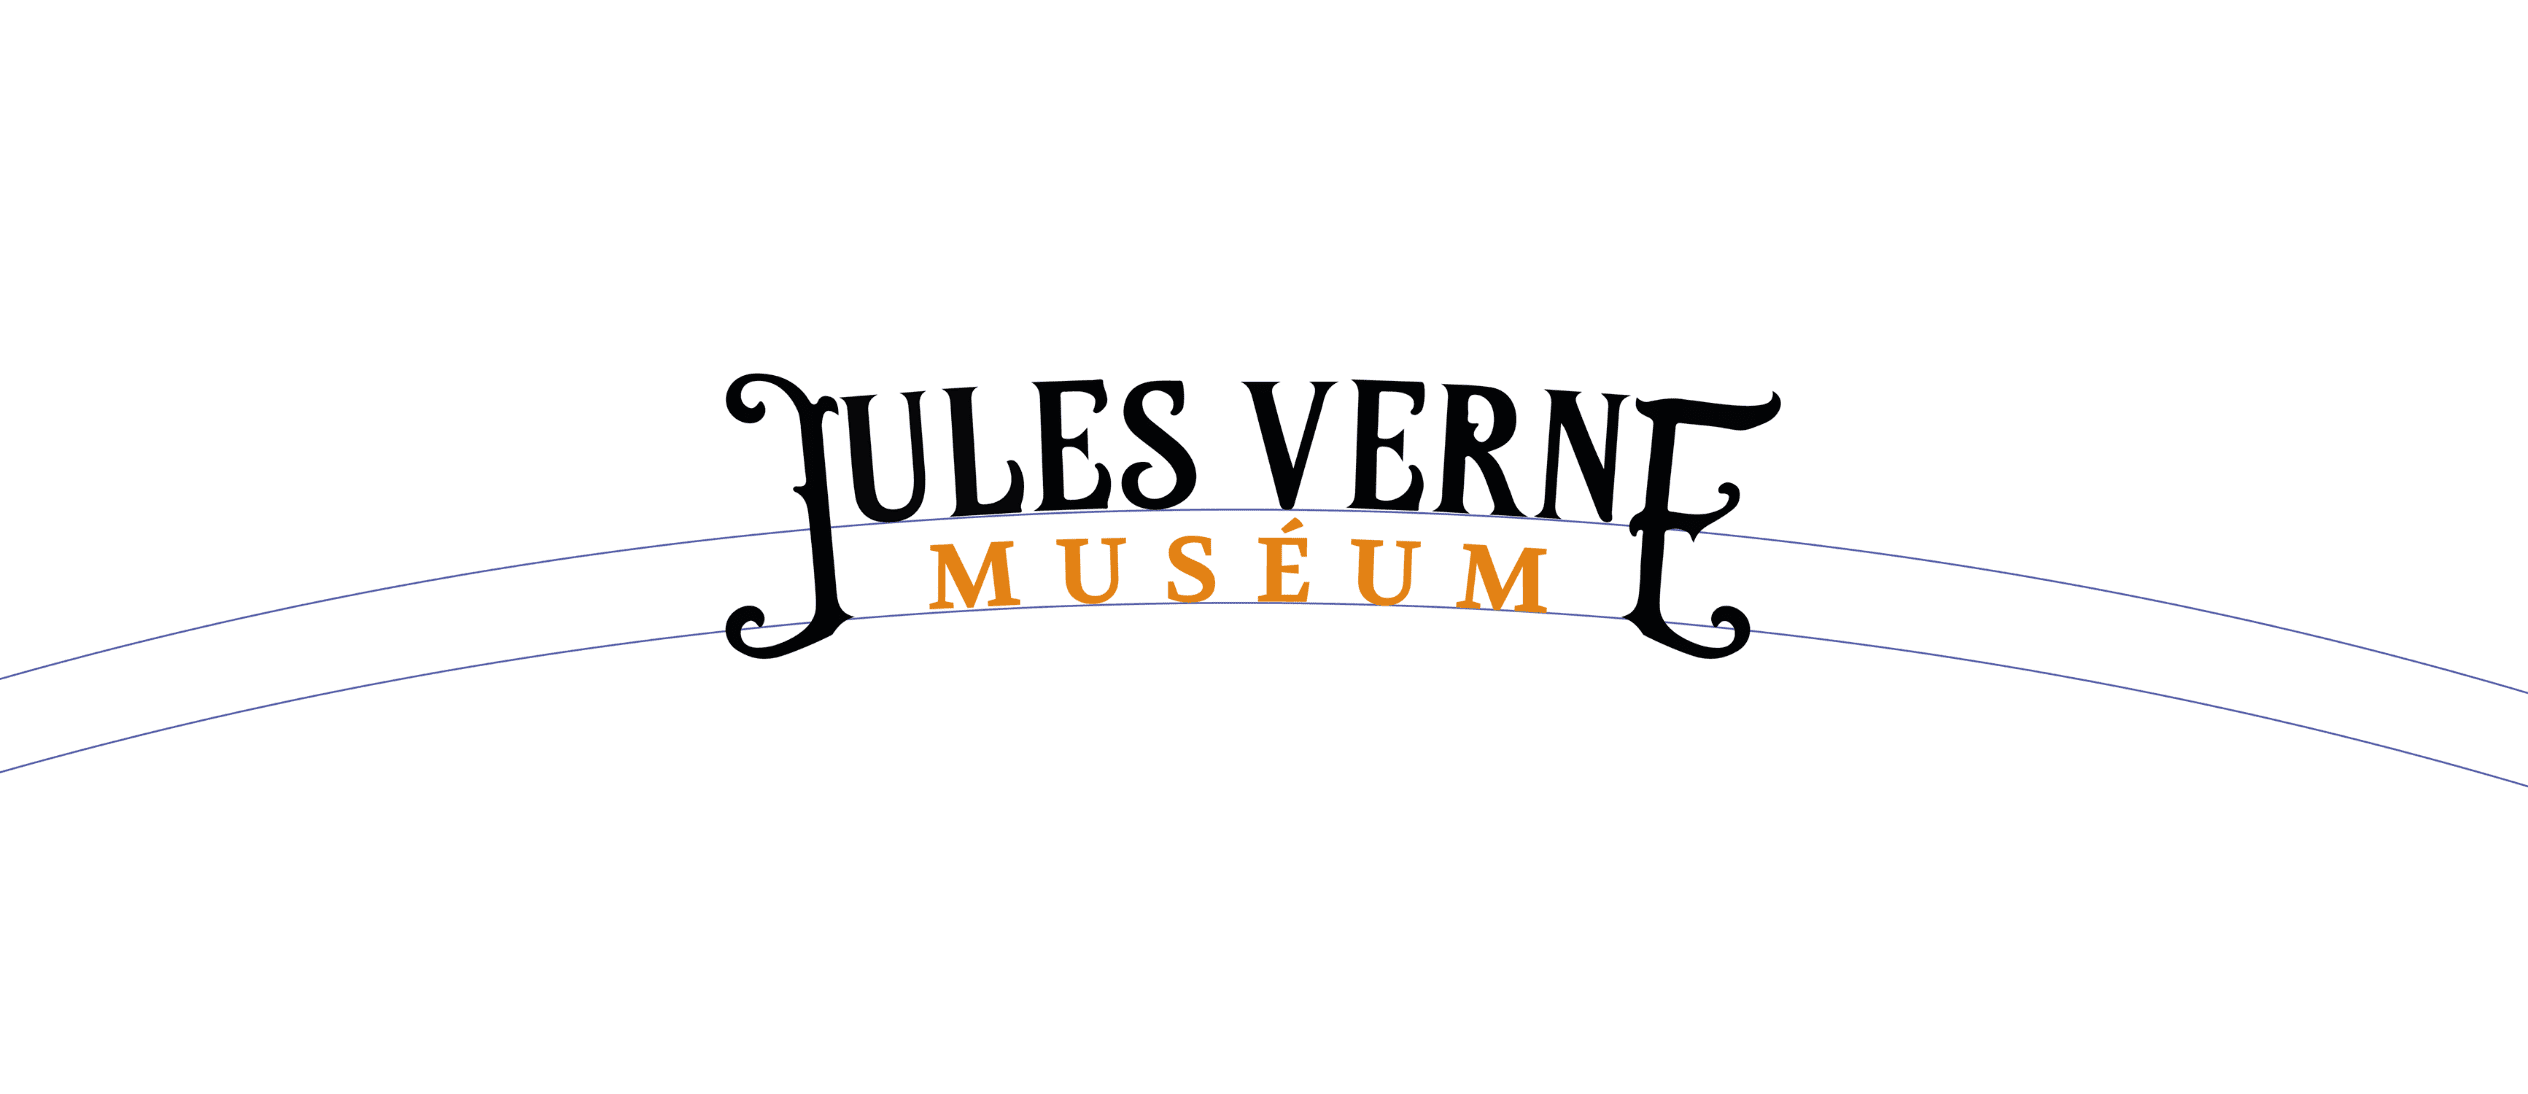 Musée Jules Verne 1 - Arnaud Le Roux - Directeur Artistique Digital & Développeur Front-End